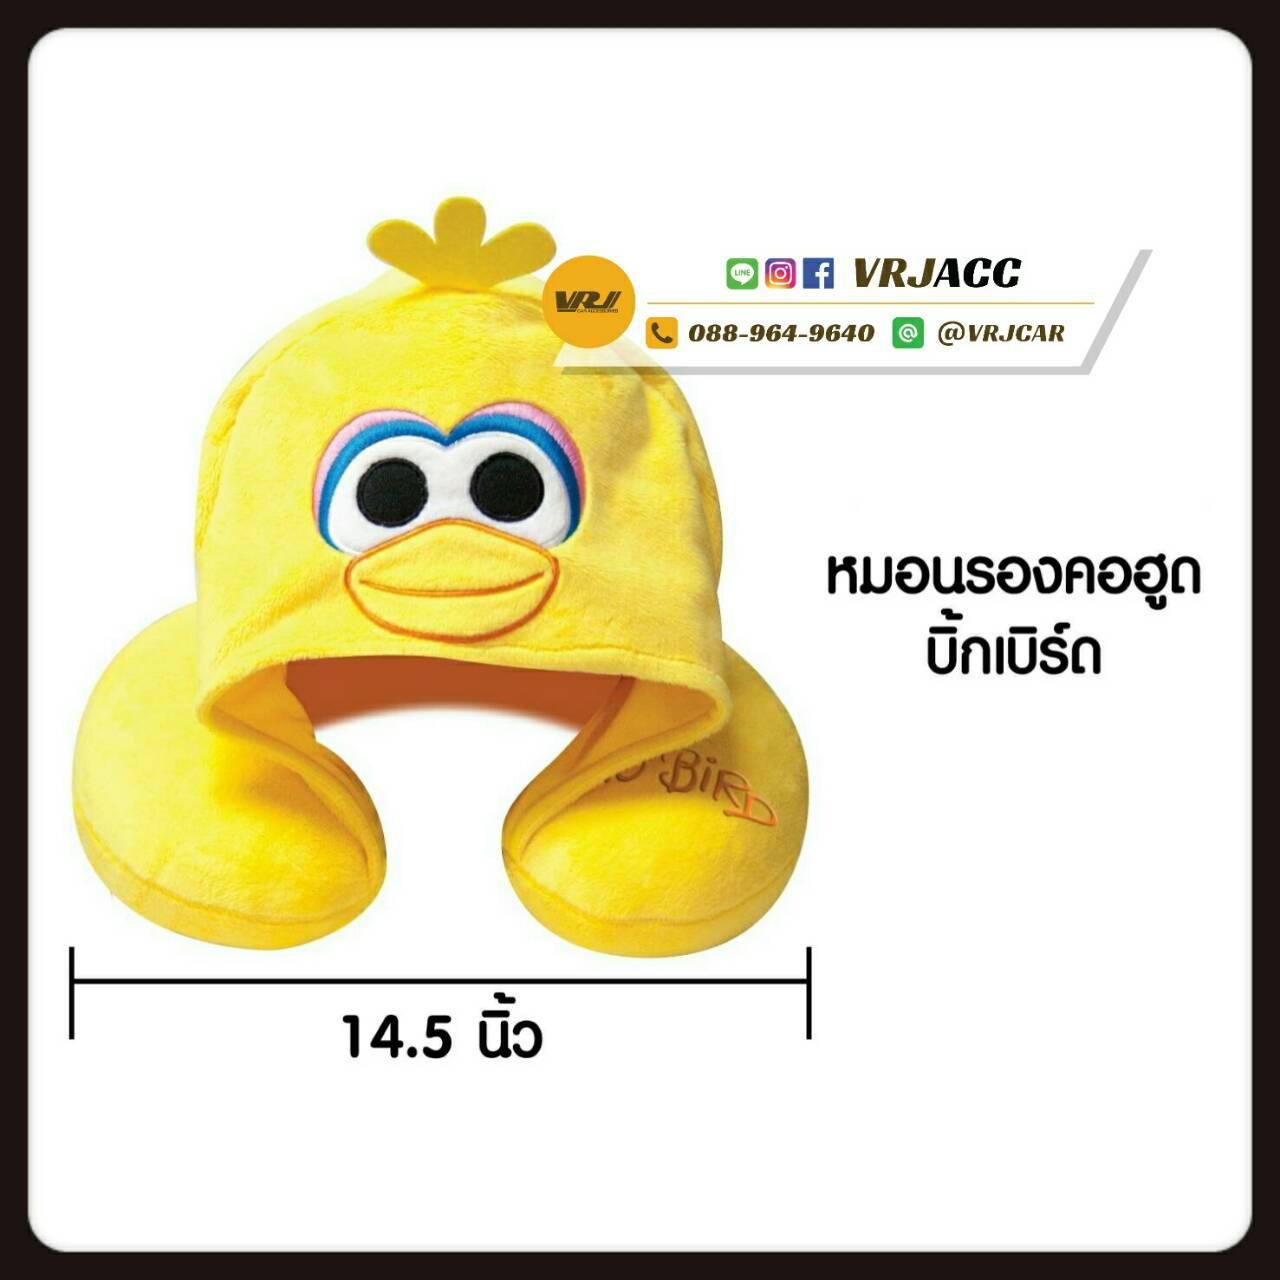 หมอนรองคอ ตัวยู มีฮู๊ต คุกกี้มอนสเตอร์ บิ๊กเบิร์ด สีเหลือง Sesame Street cookie monster